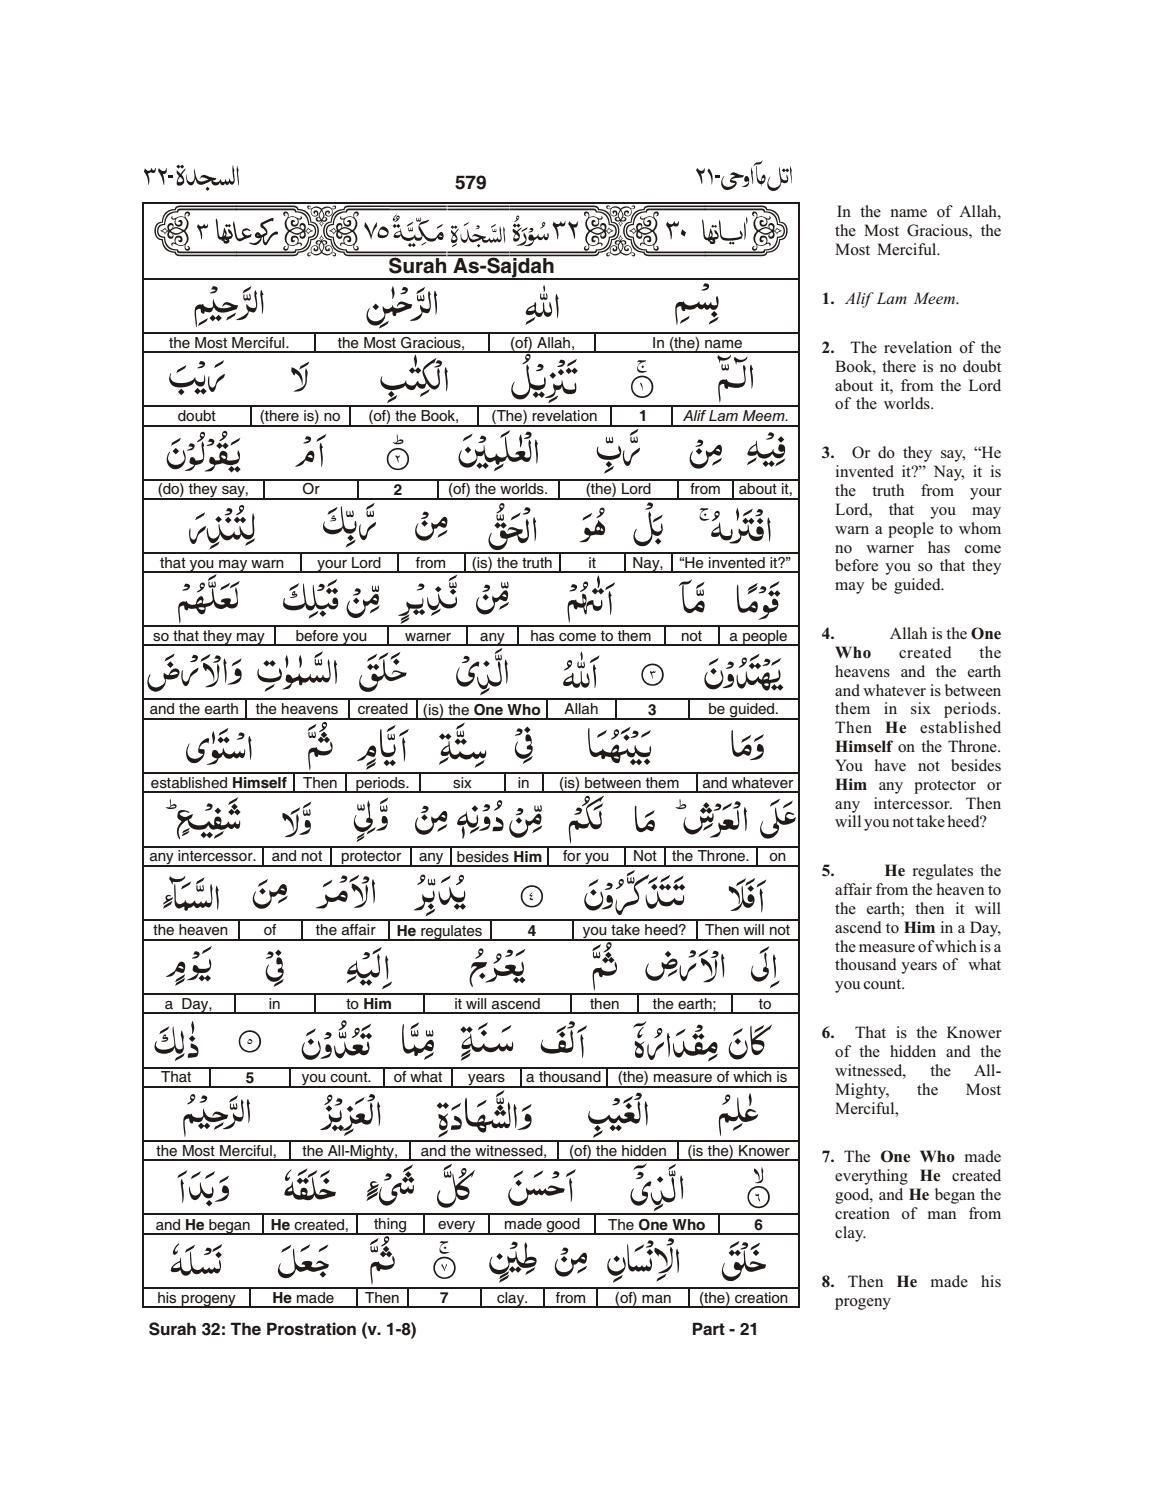 PDF] Quran Word by Word Surah 32 (السجدة) As-Sajda by